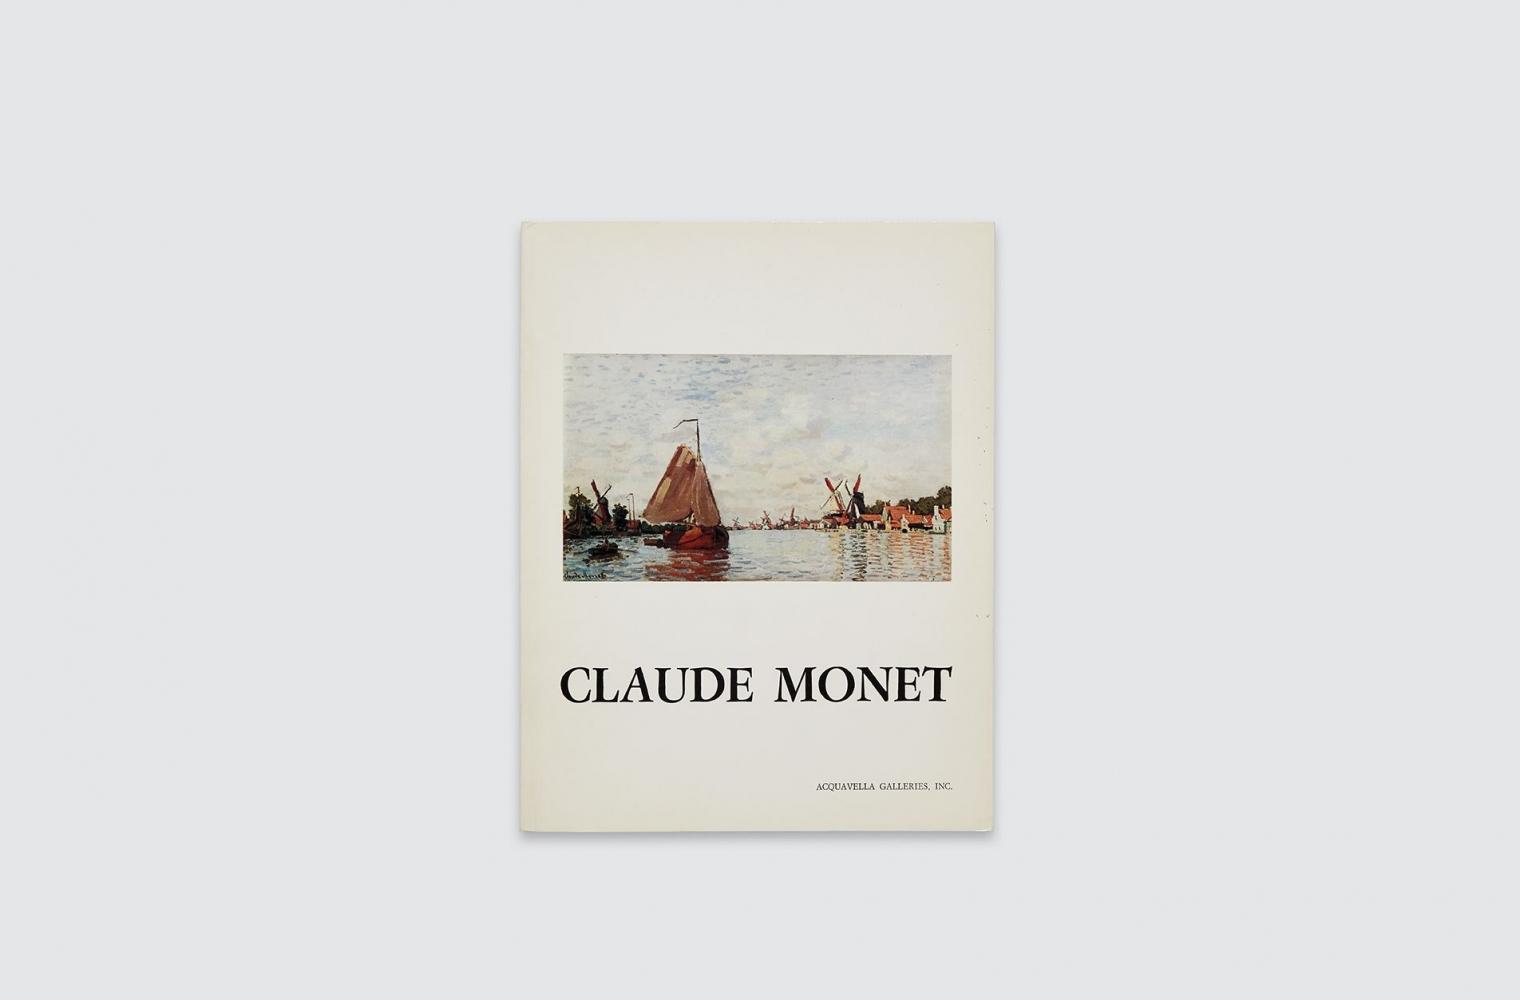 Catalogue for Claude Monet exhibition, fall 1976.